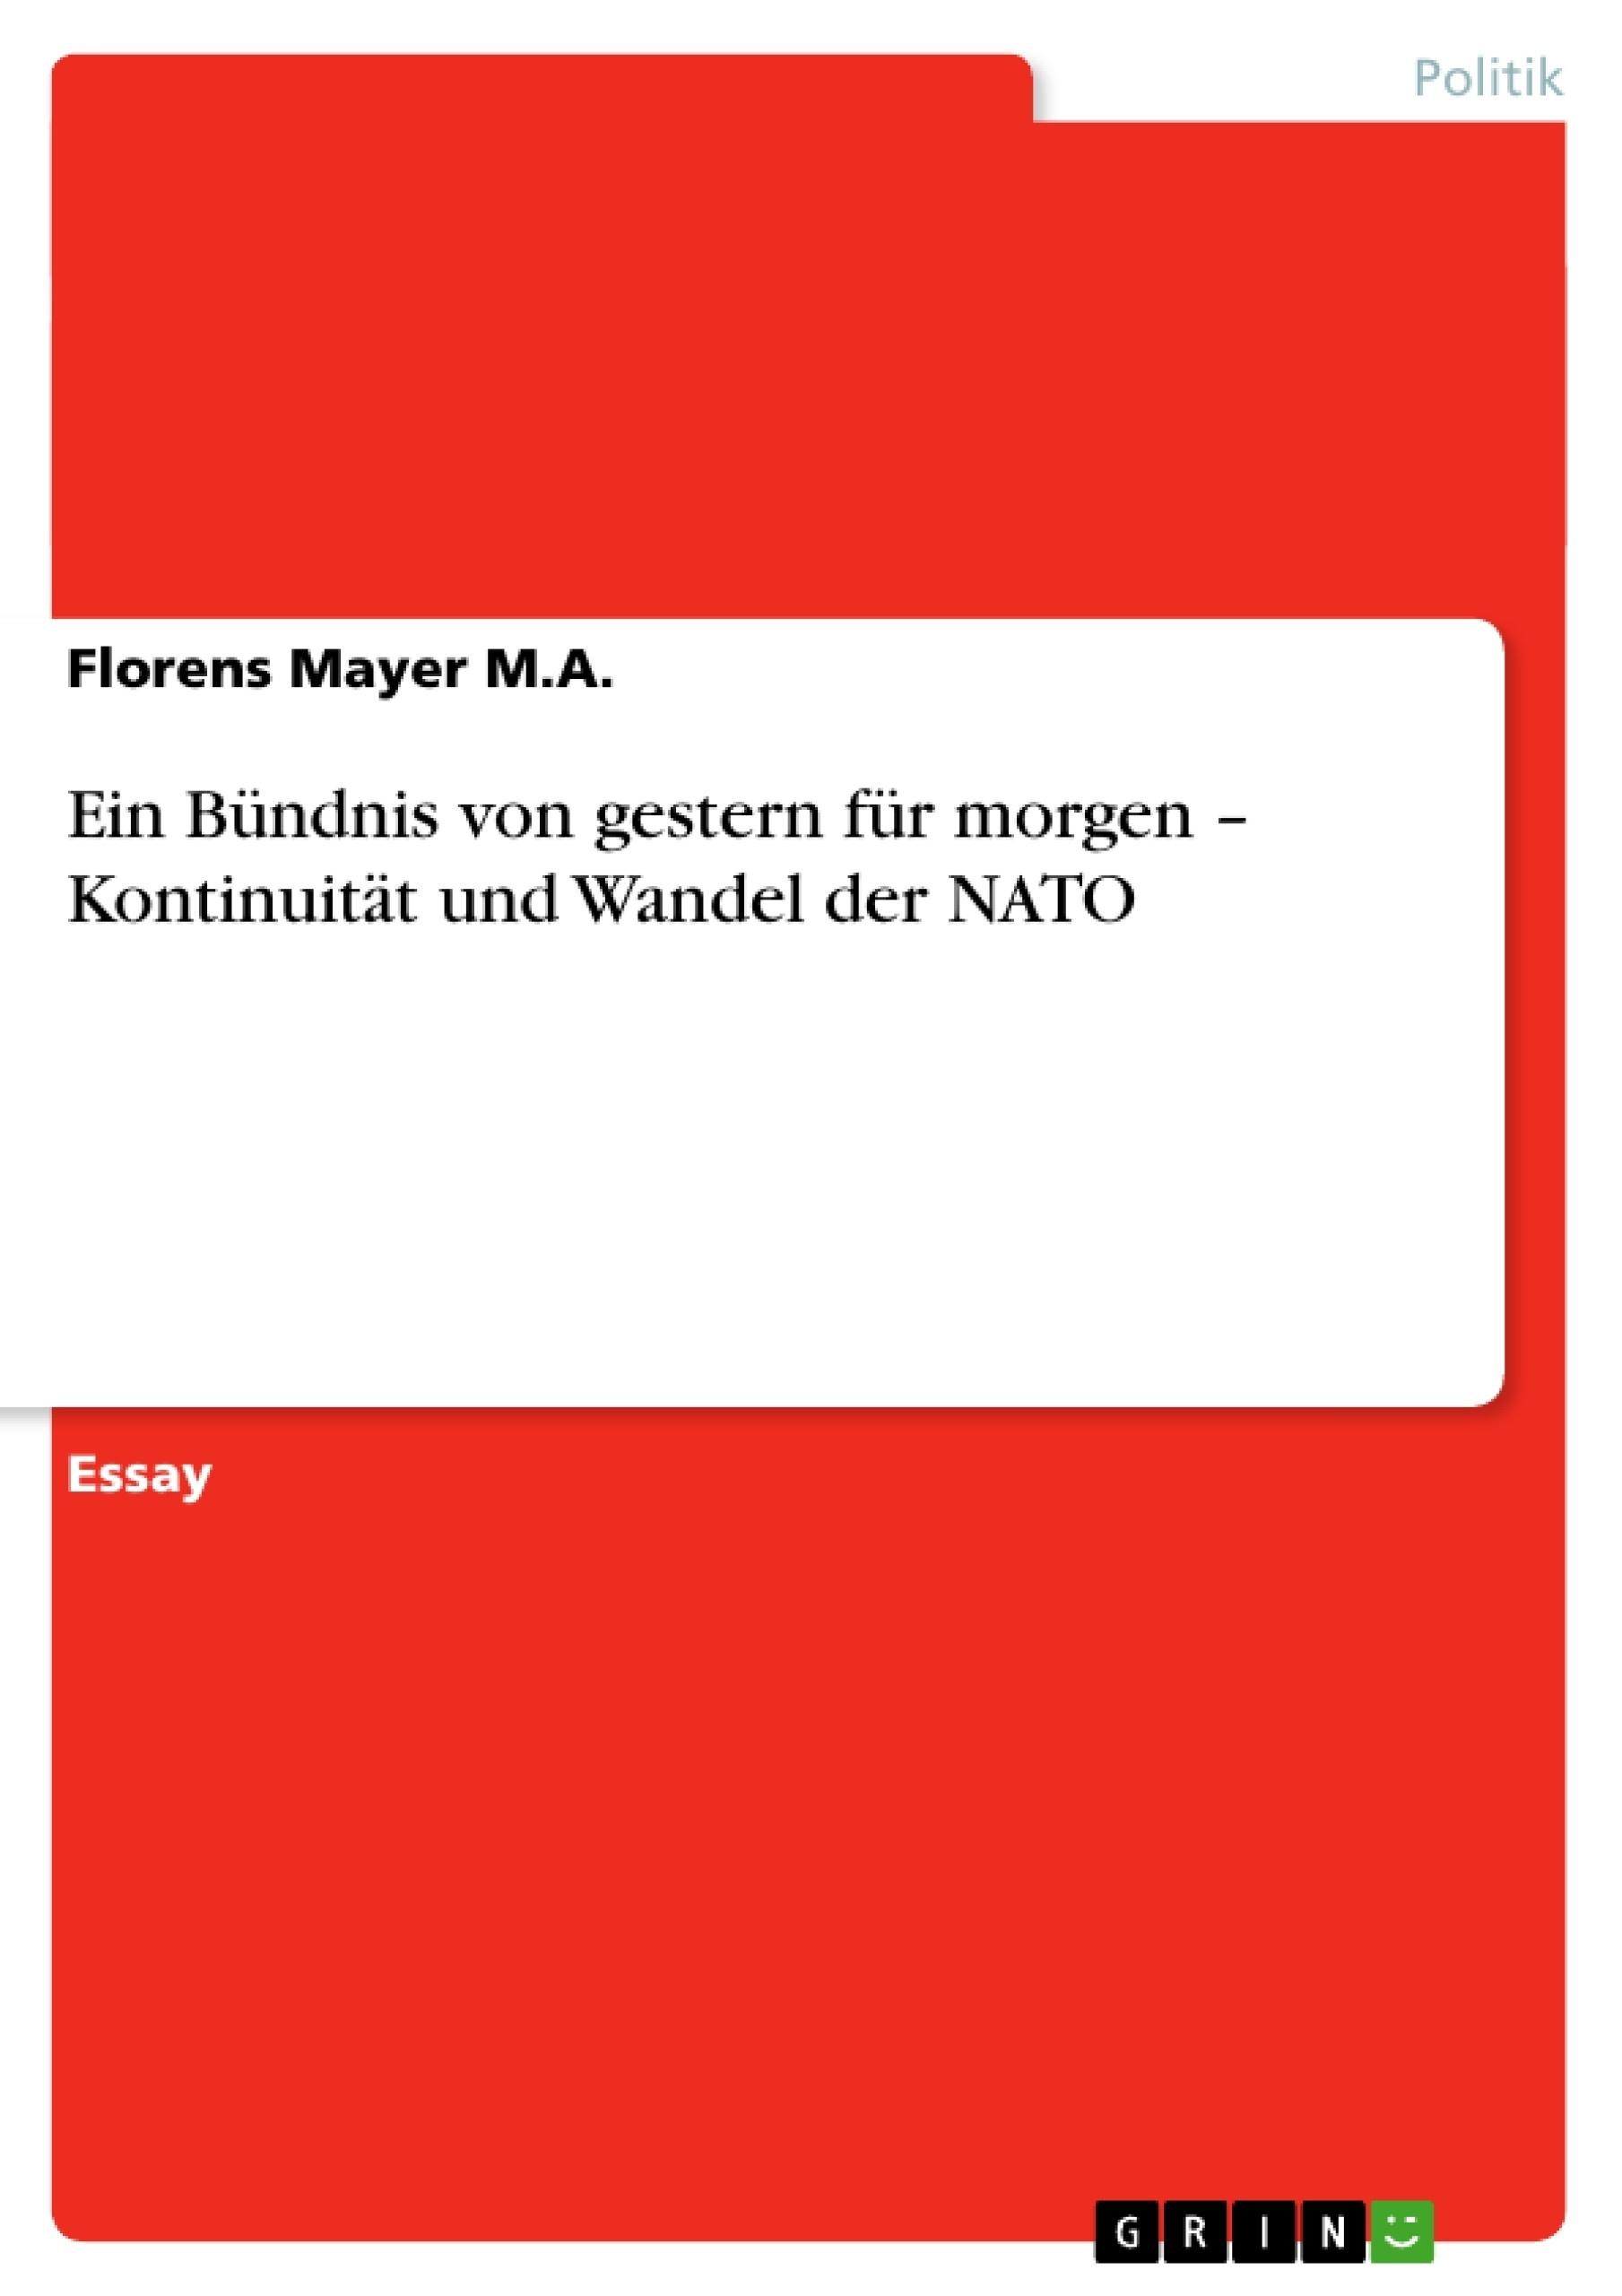 Titel: Ein Bündnis von gestern für morgen – Kontinuität und Wandel der NATO